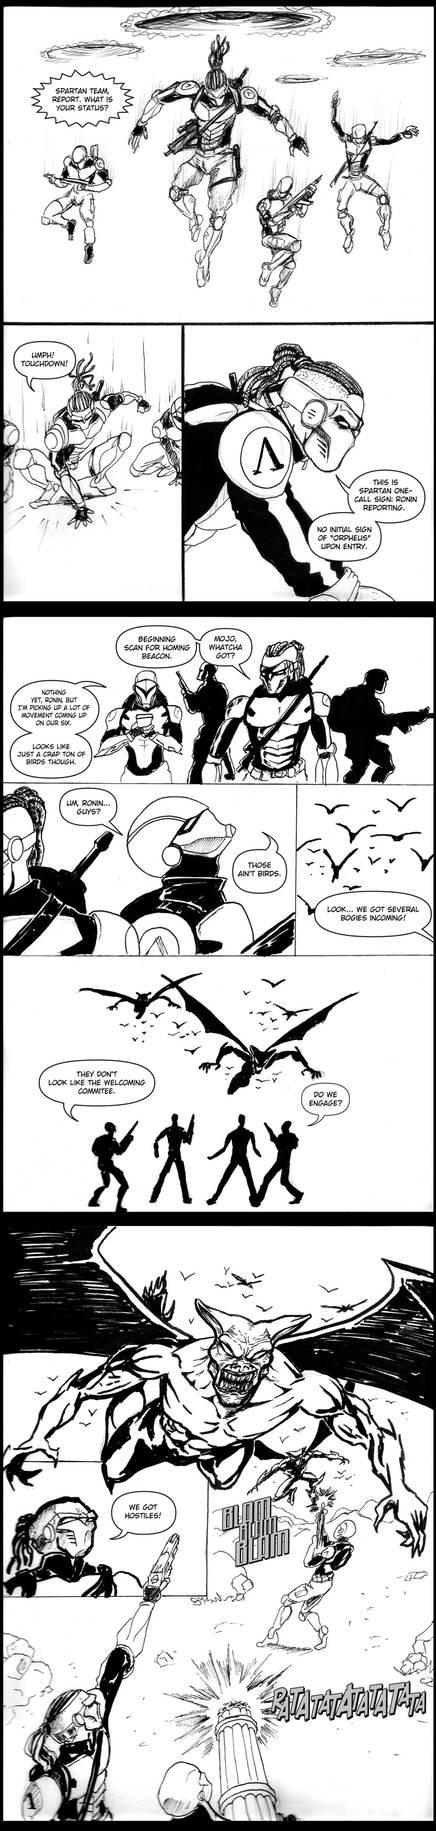 Spartan Team -24 hr comic 2017-